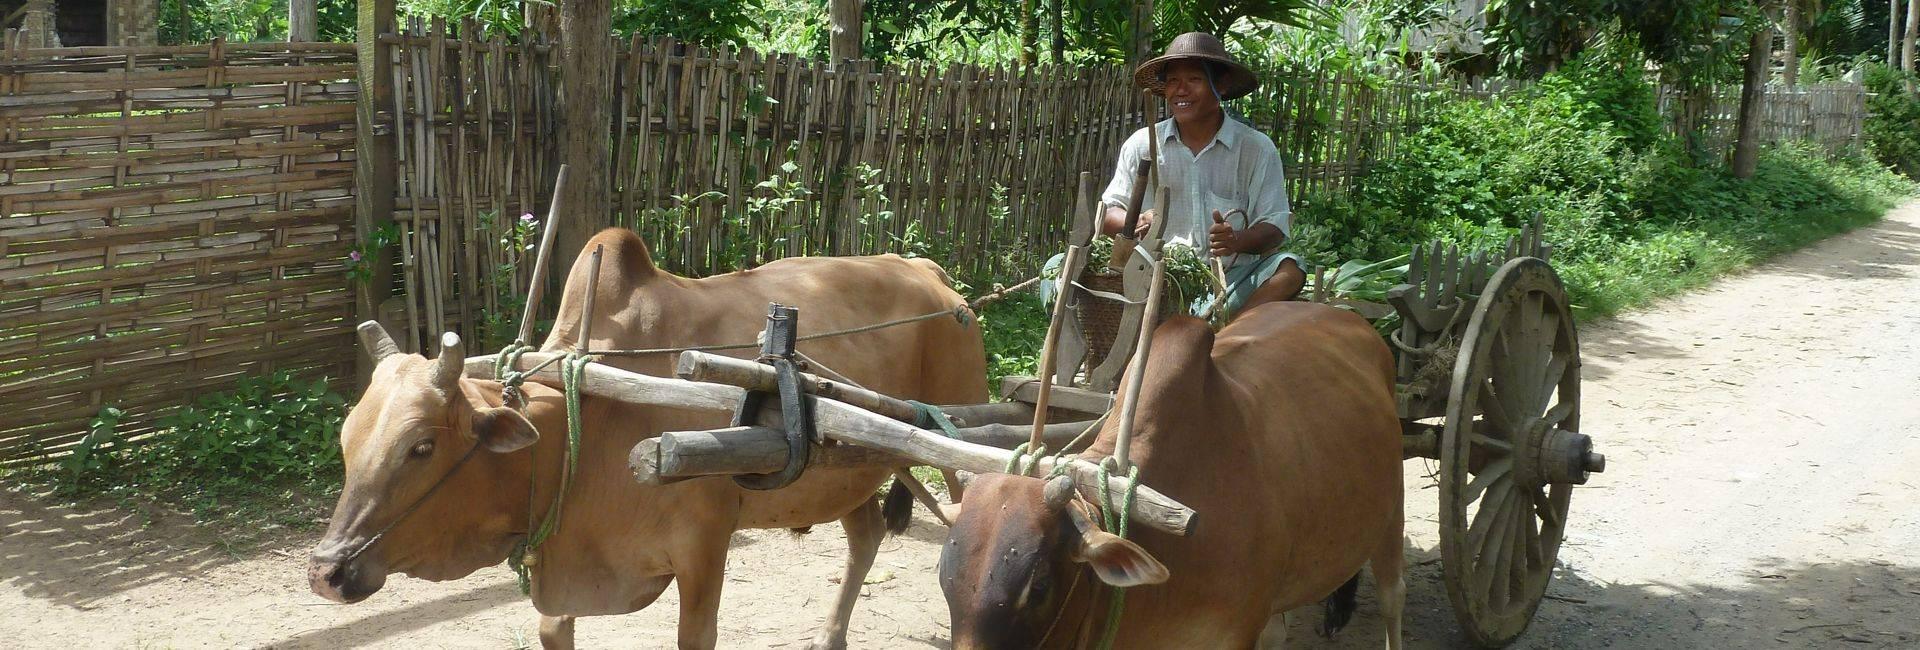 Buffalo cart in Chin state